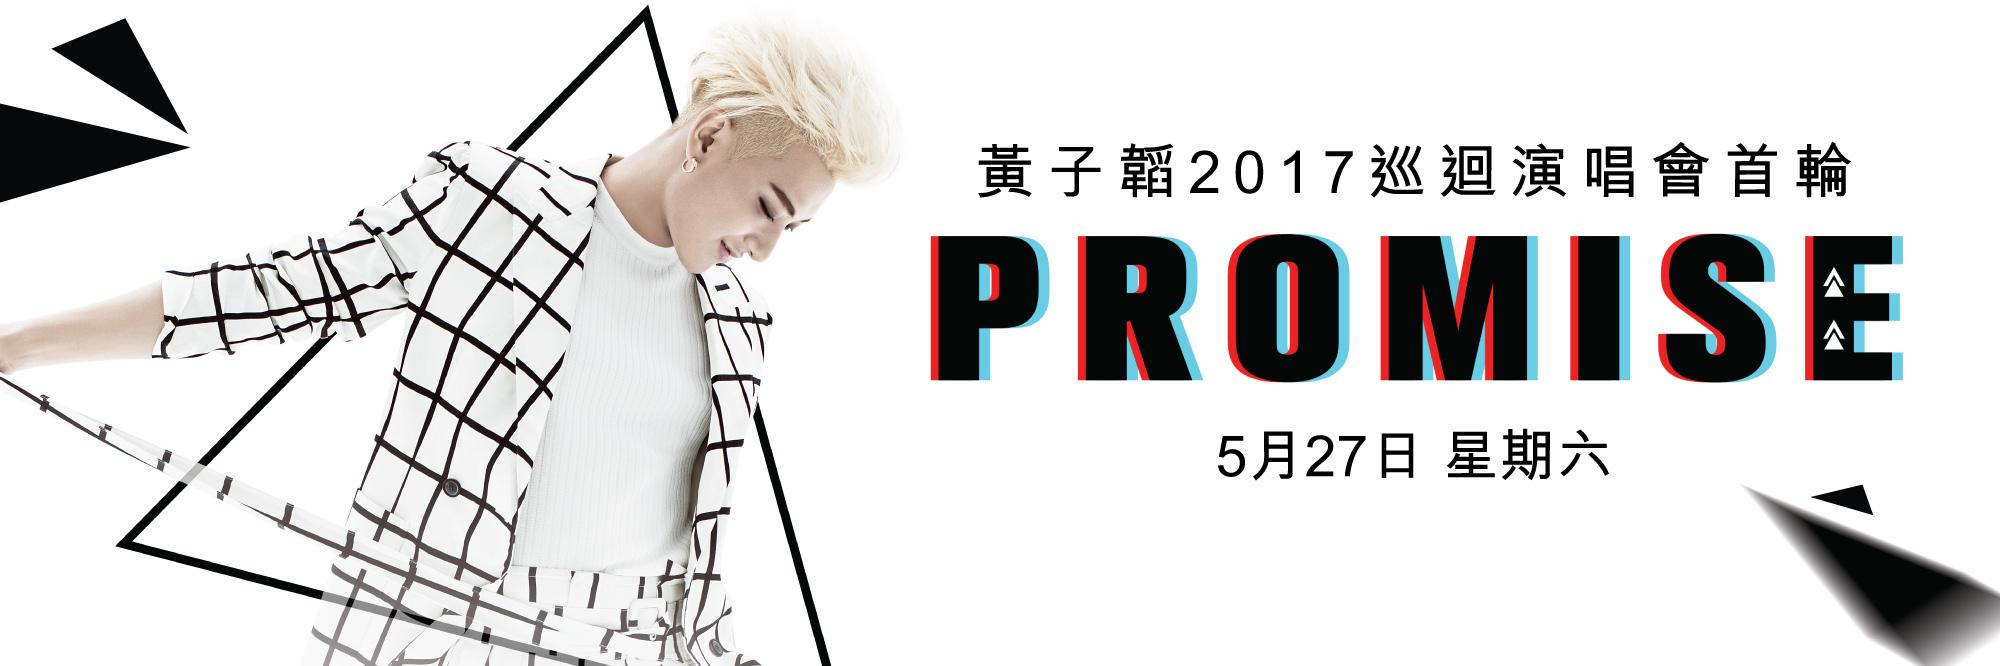 黃子韜2017 PROMISE巡迴演唱會首輪-澳門站